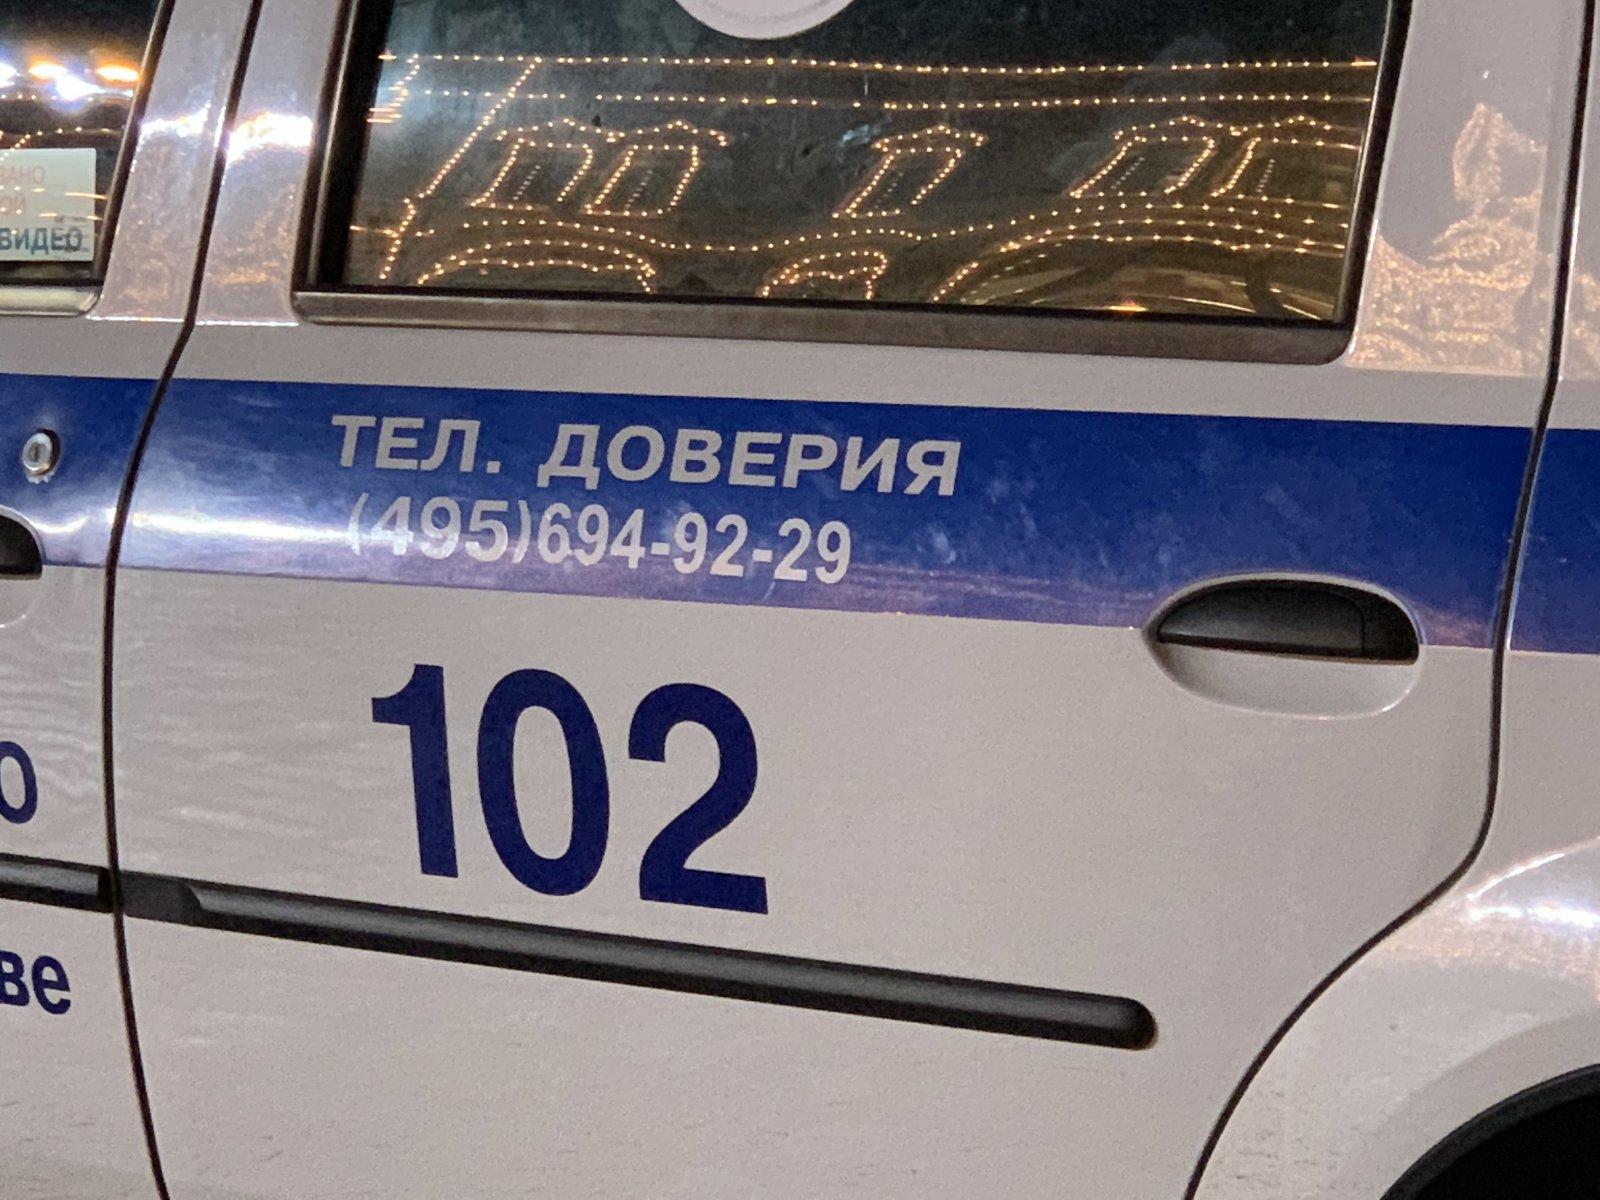 В Ногинске в квартире найден труп 38-летнего мужчины